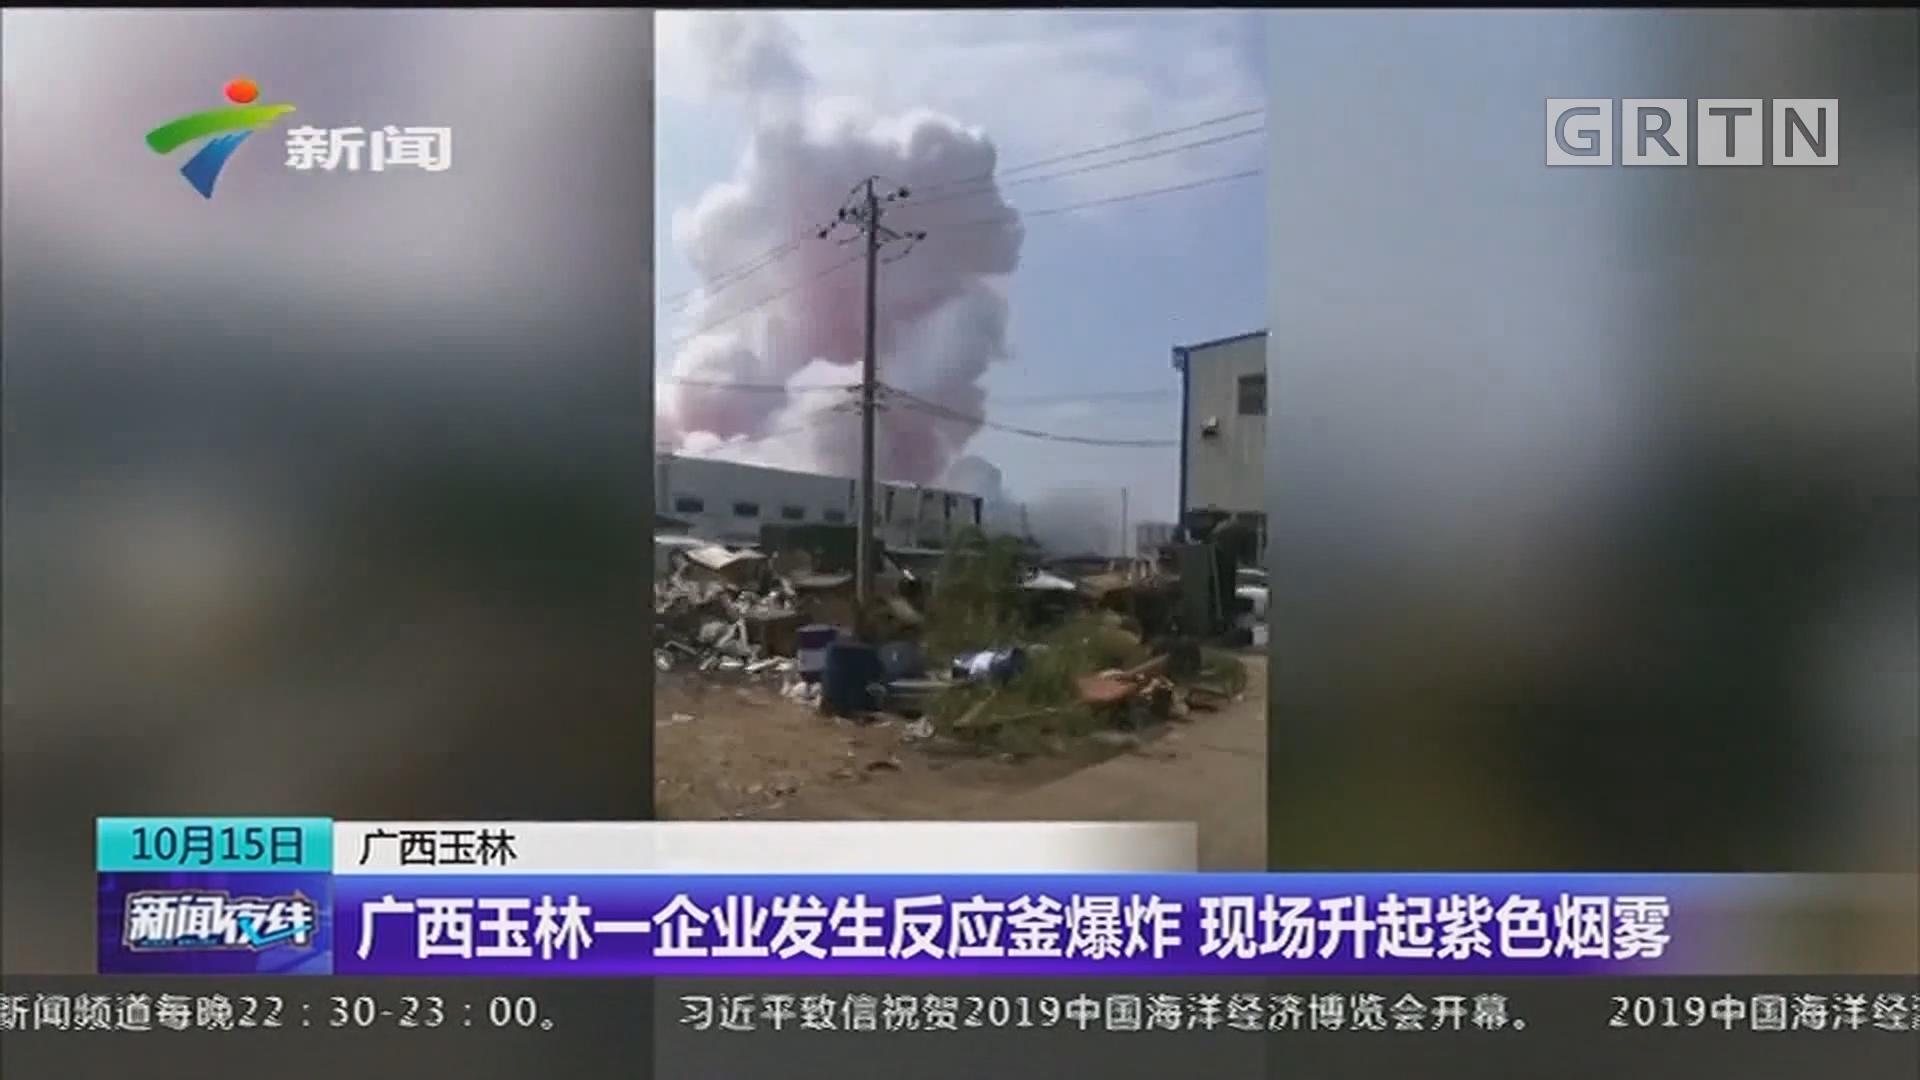 广西玉林:广西玉林一企业发生反应釜爆炸 现场升起紫色烟雾